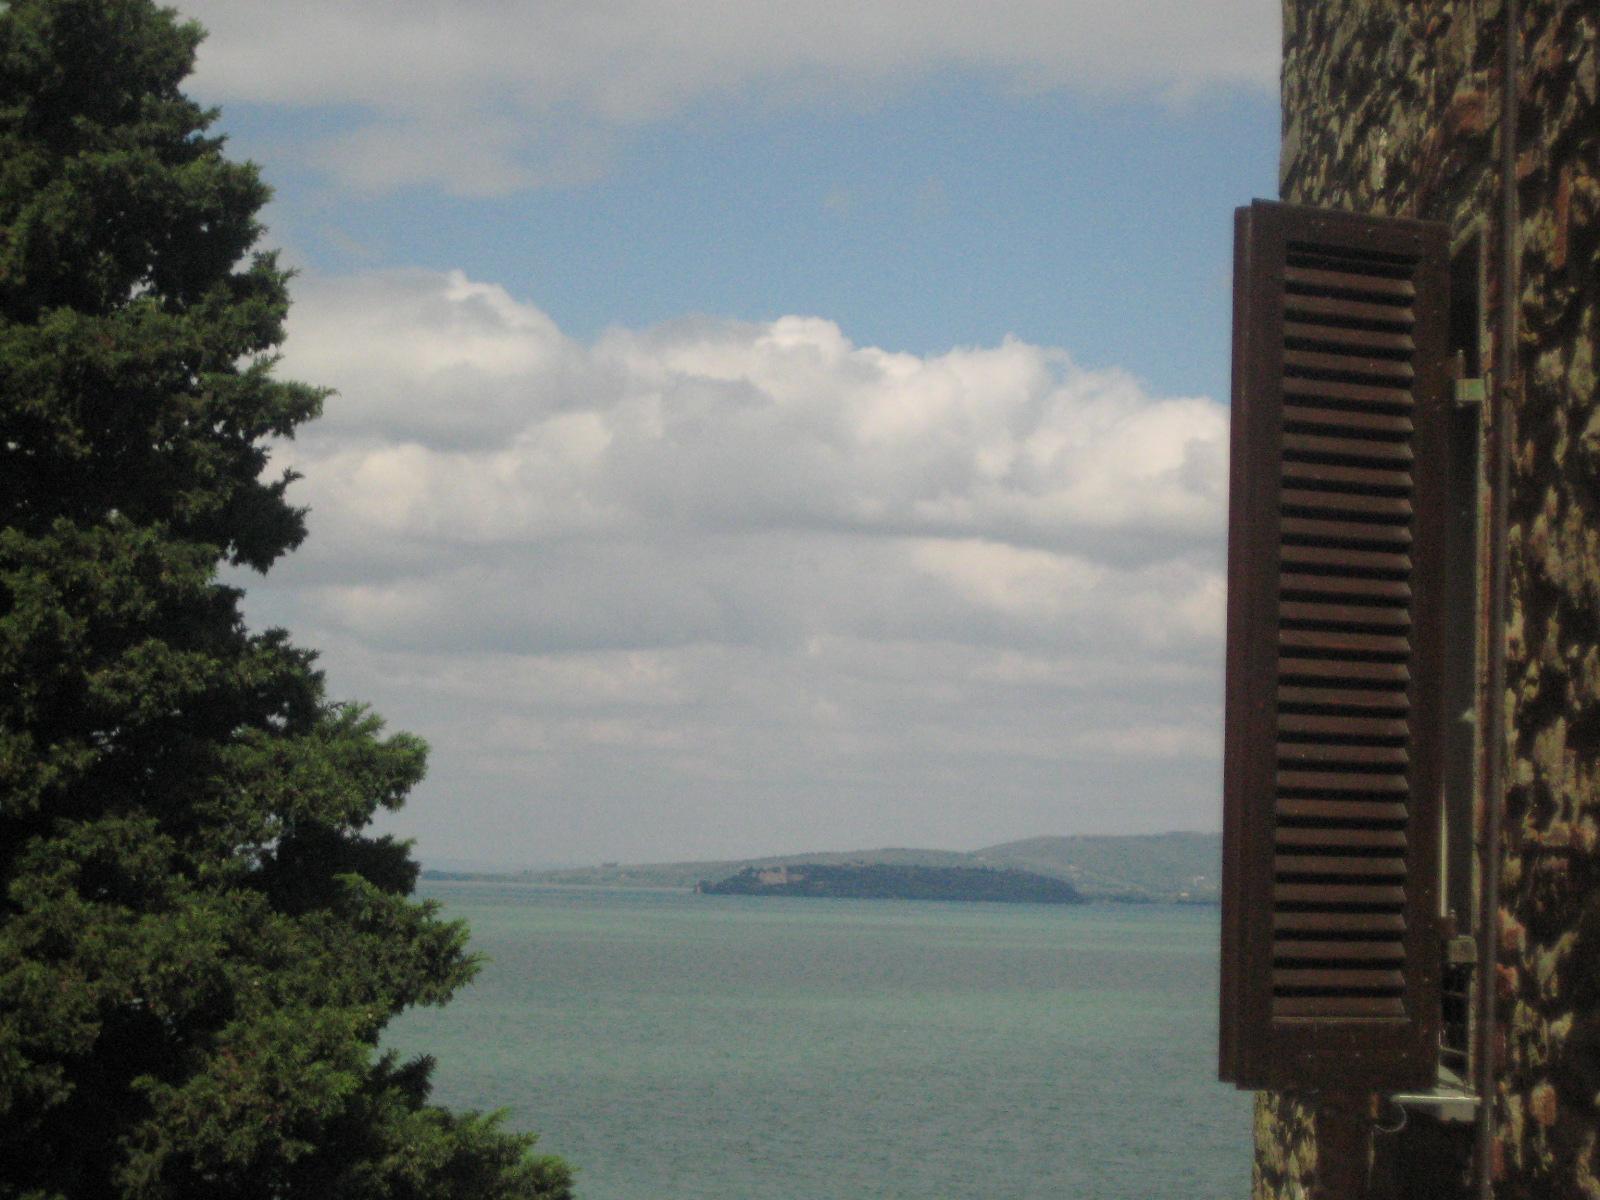 Lago trasimeno maraina in viaggio - Una finestra sul lago ...